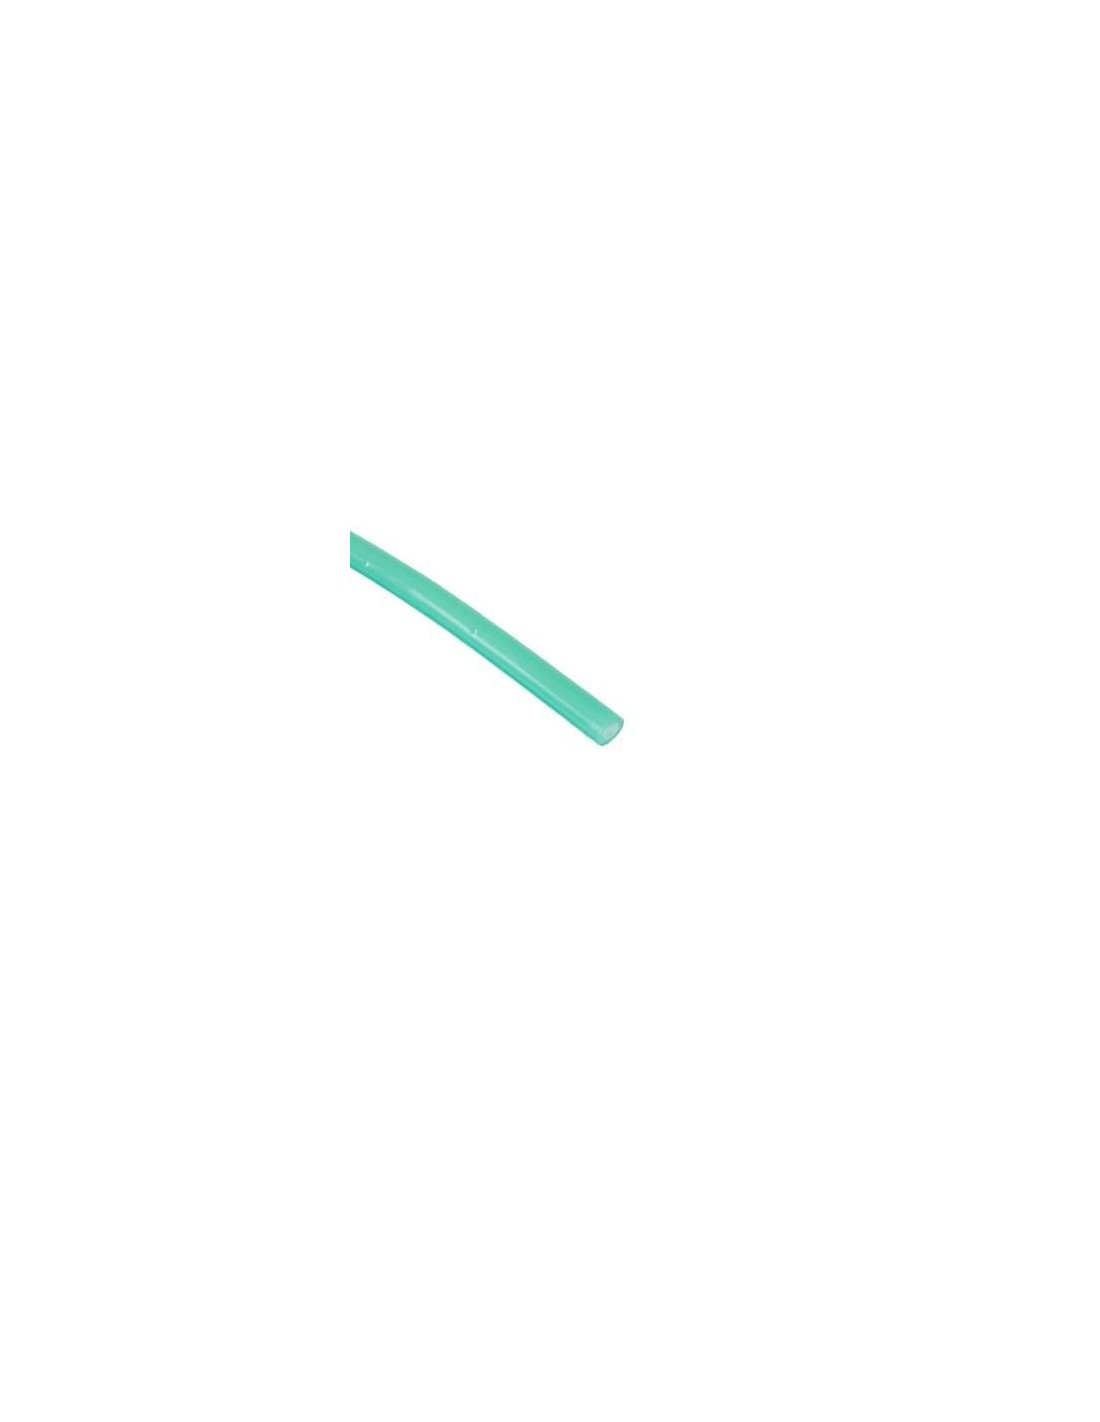 UPP00145 - Slangar och Pyton - Slang 4,7 mm (3/16) x8 mm (5/16) (grön)